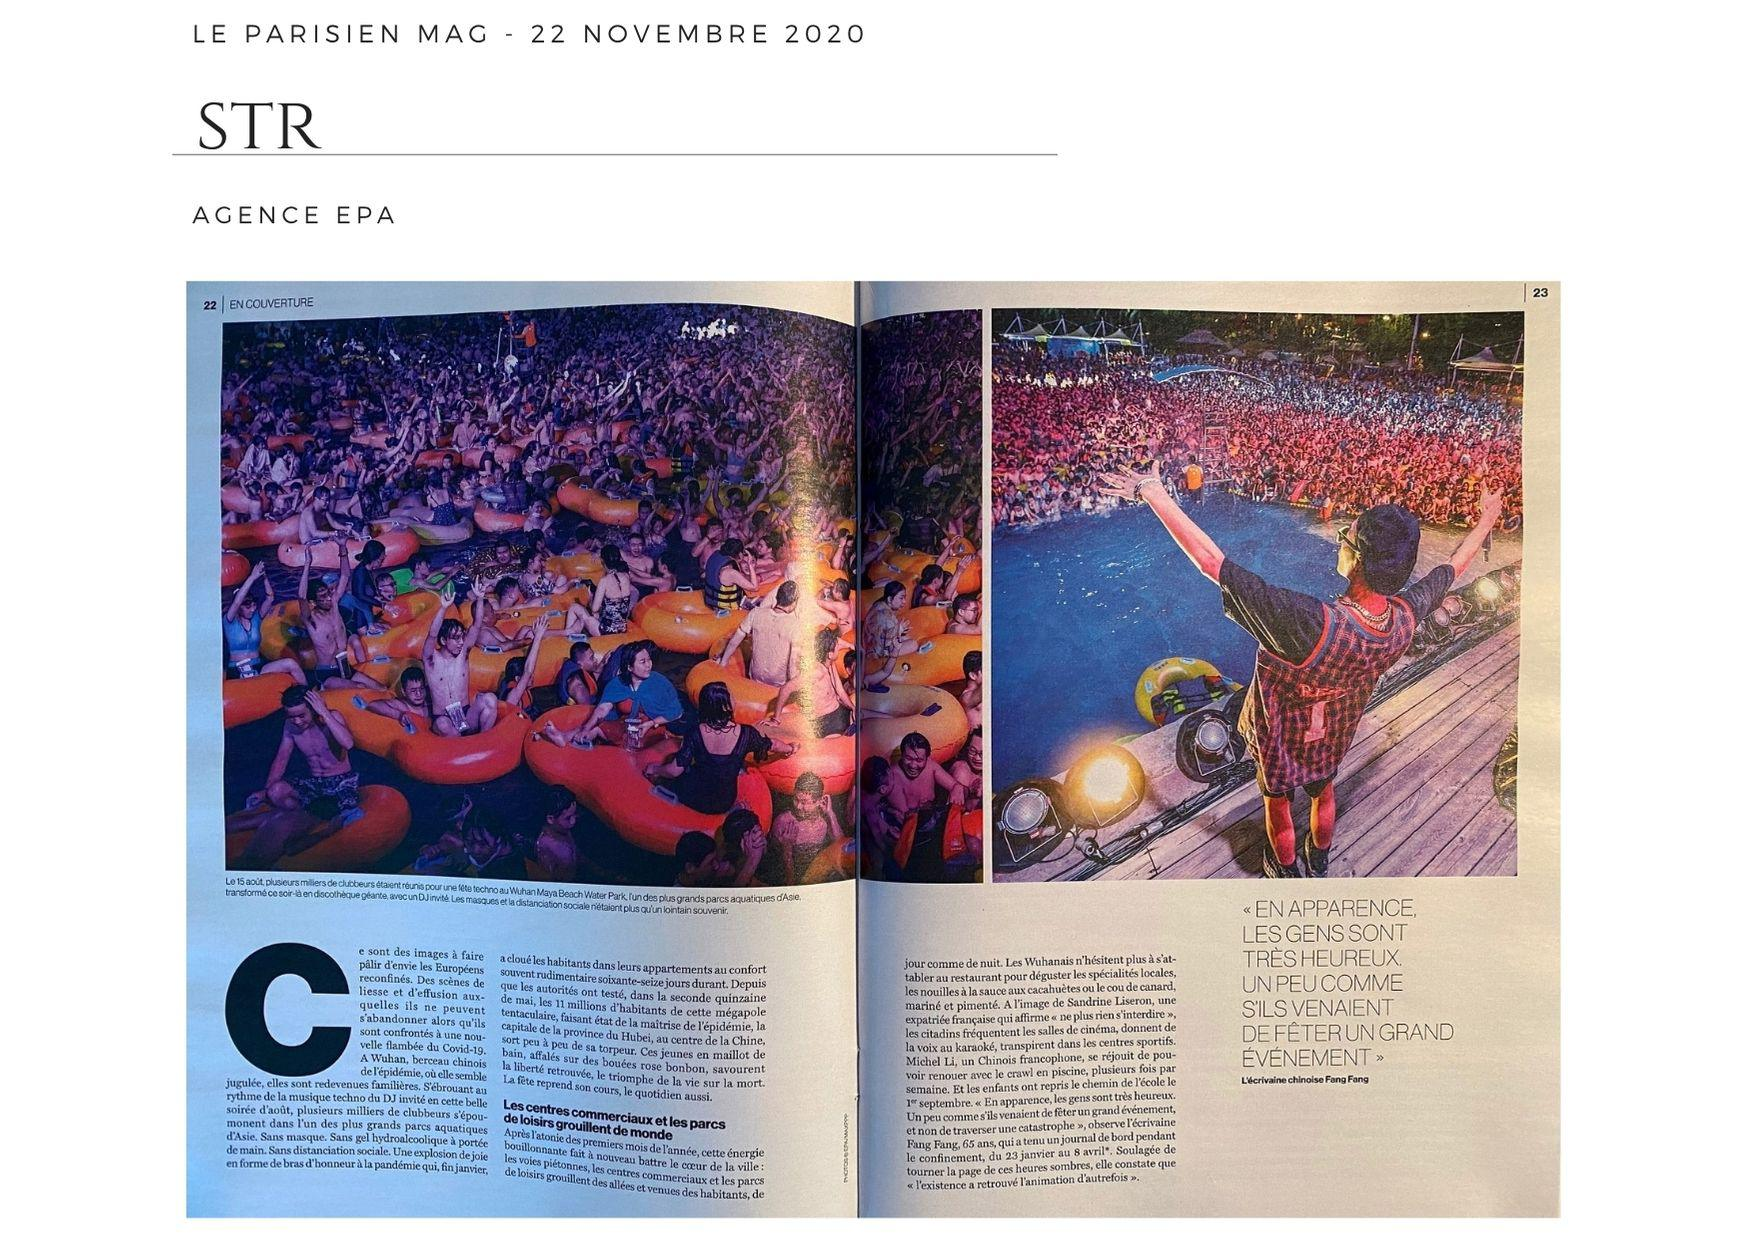 Le Parisien Magazine - 22 novembre 2020